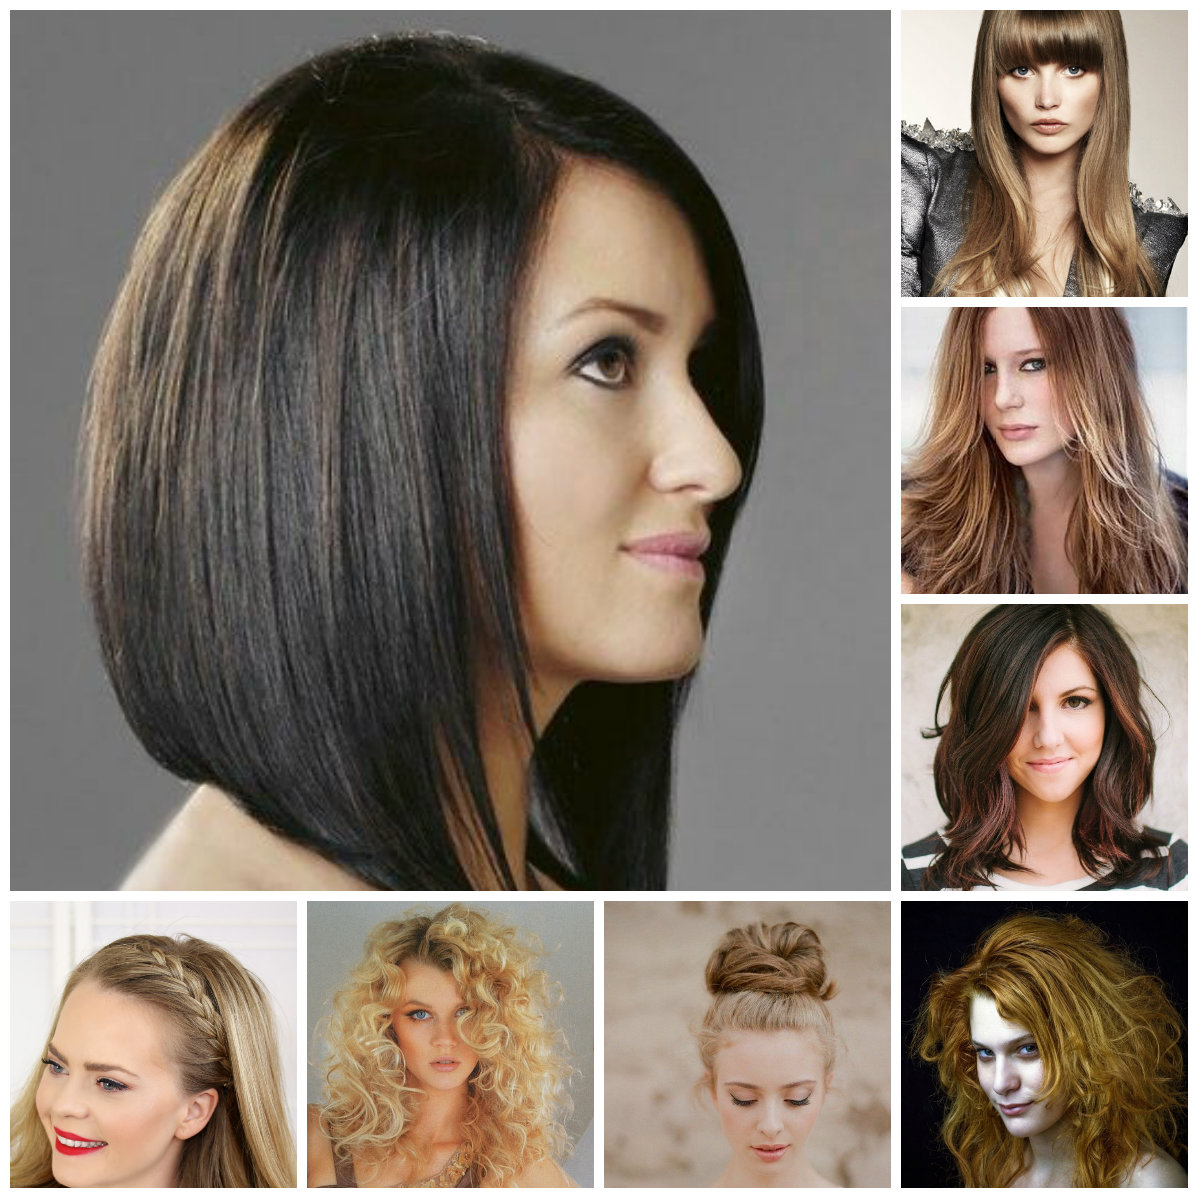 modelos de penteados para 2016